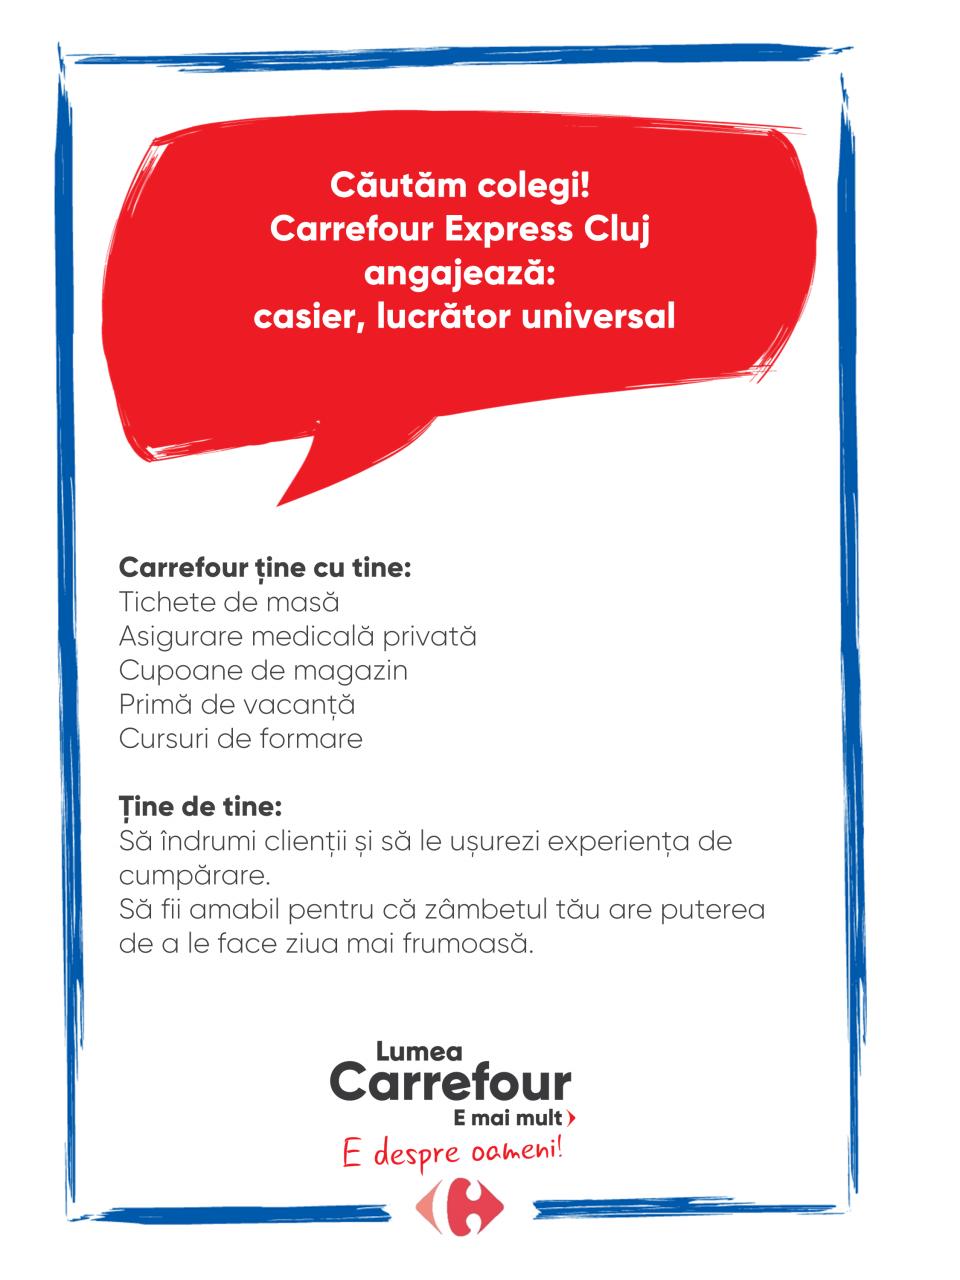 Căutăm colegi pentru Carrefour Express Cluj